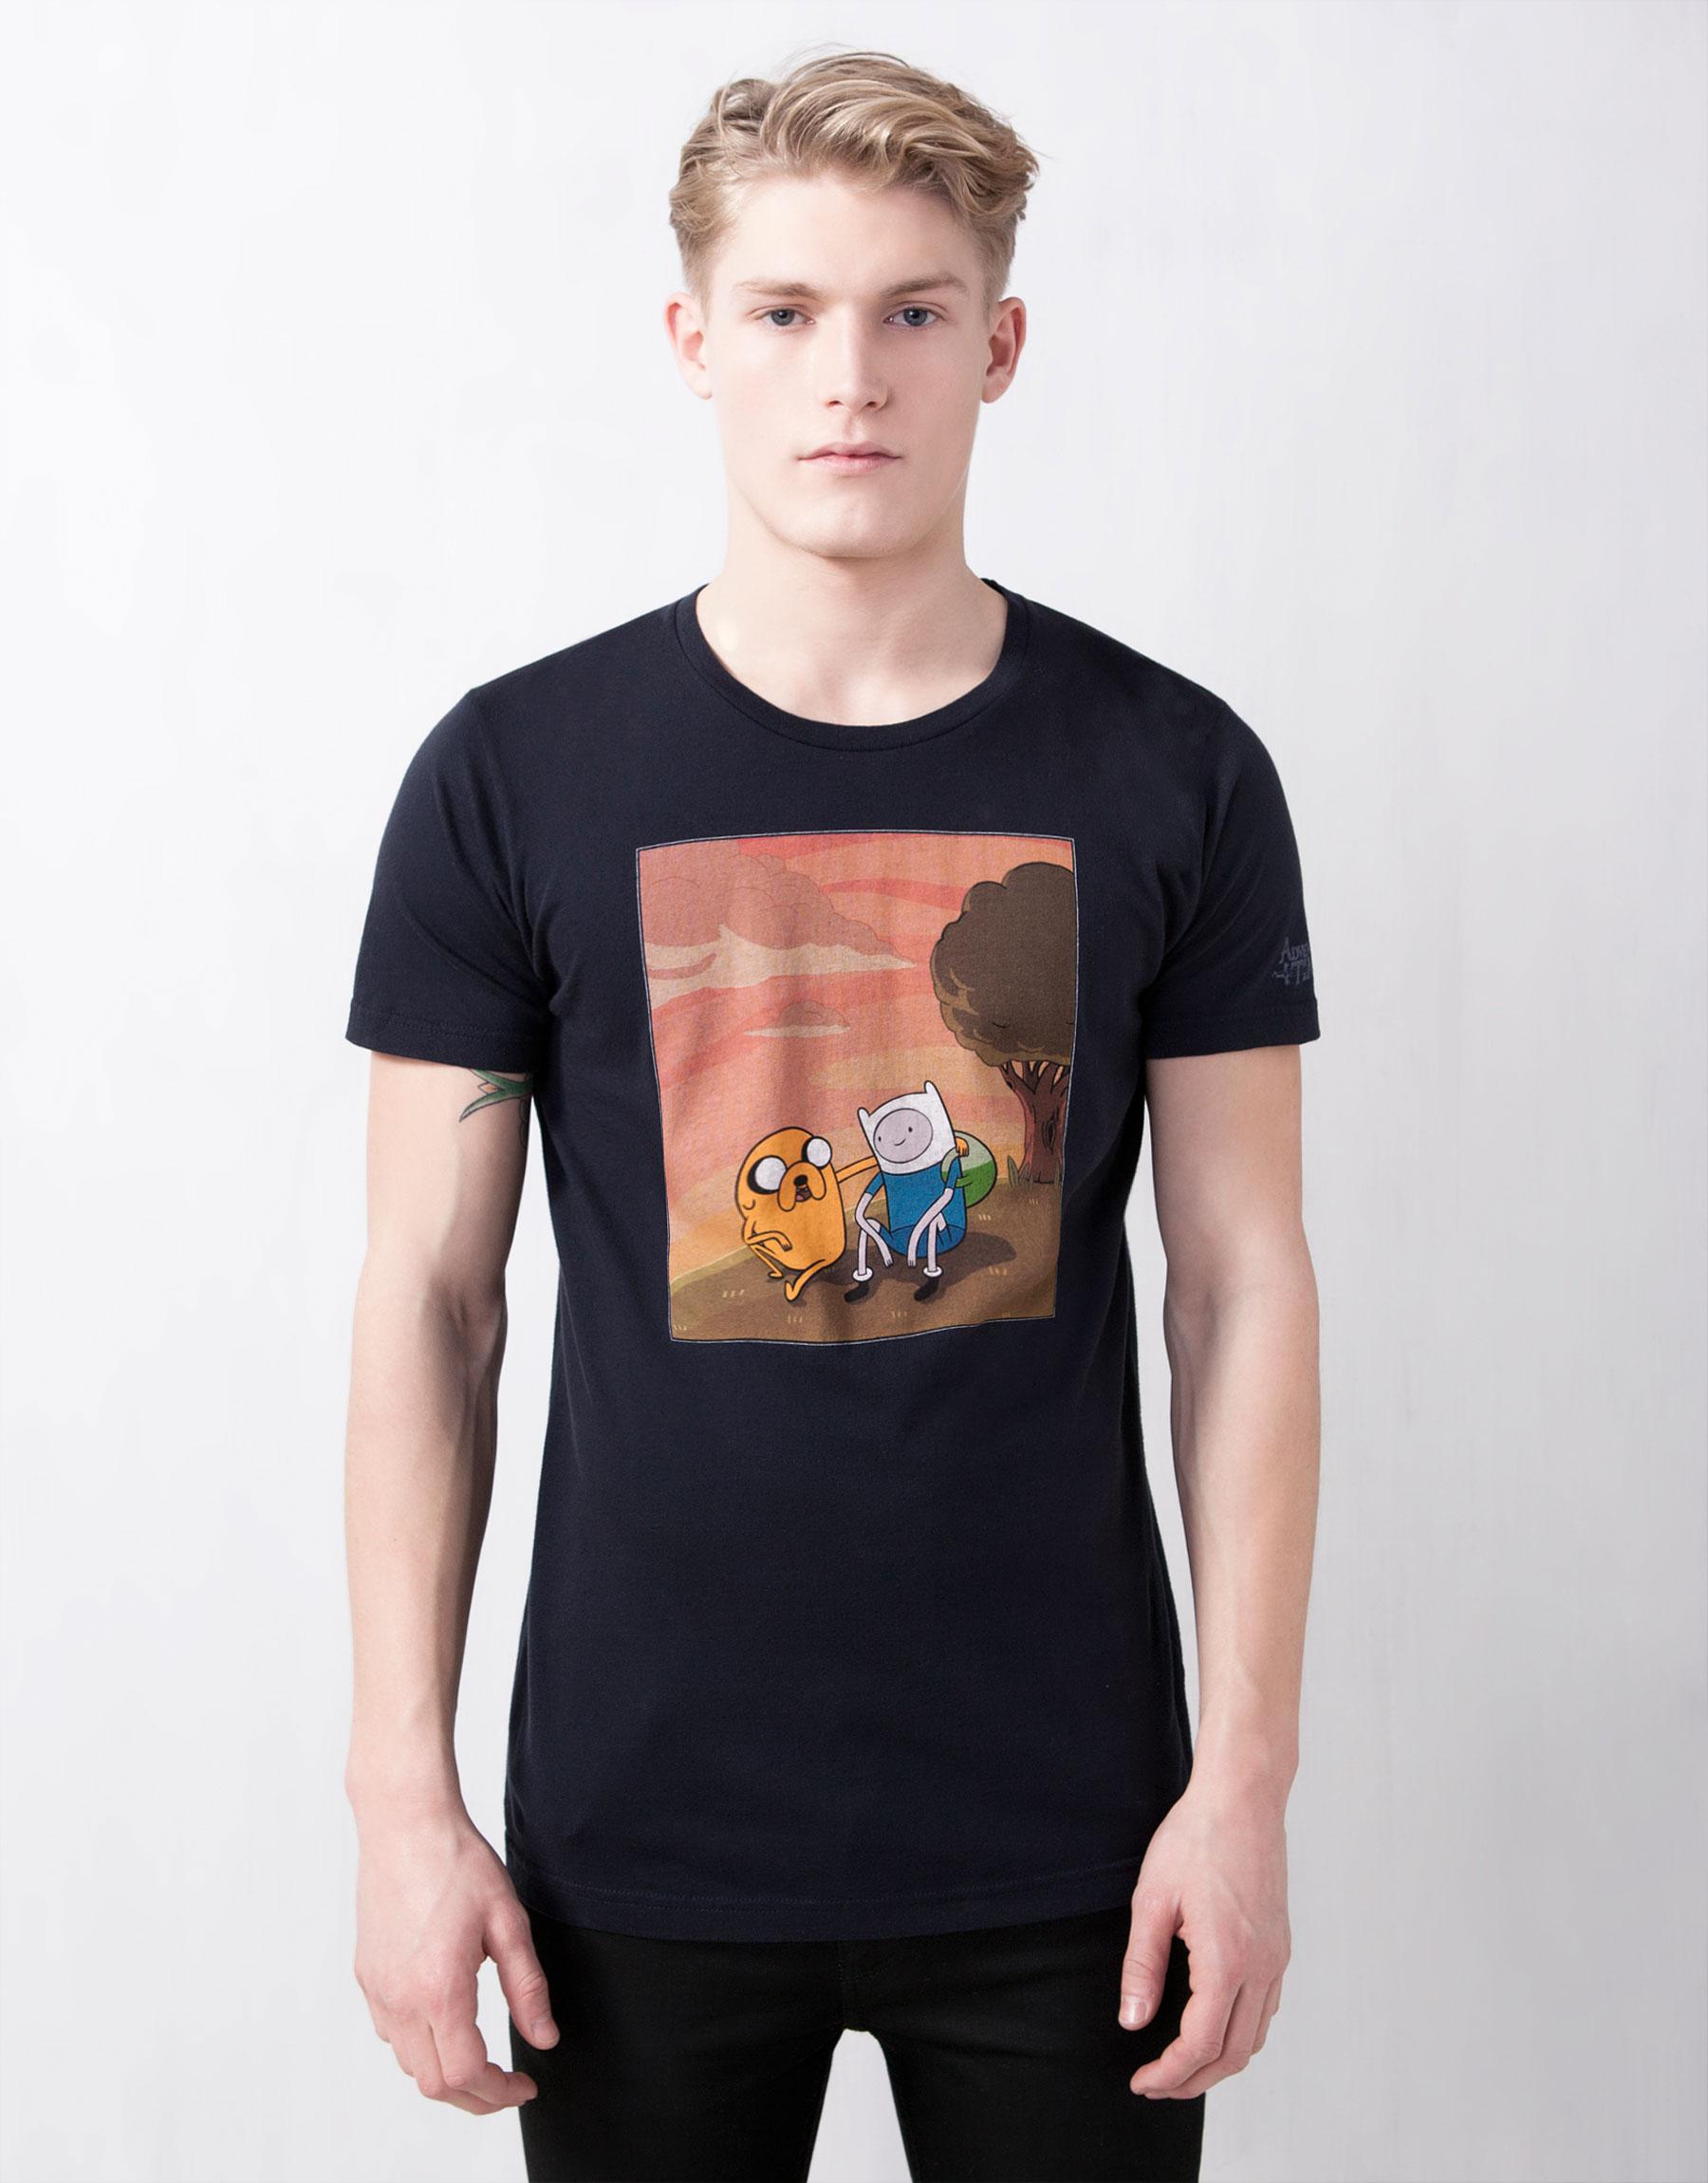 disponibilidad en el reino unido 15960 dc1cf Camisetas de 'Hora de Aventuras' en Pull and Bear